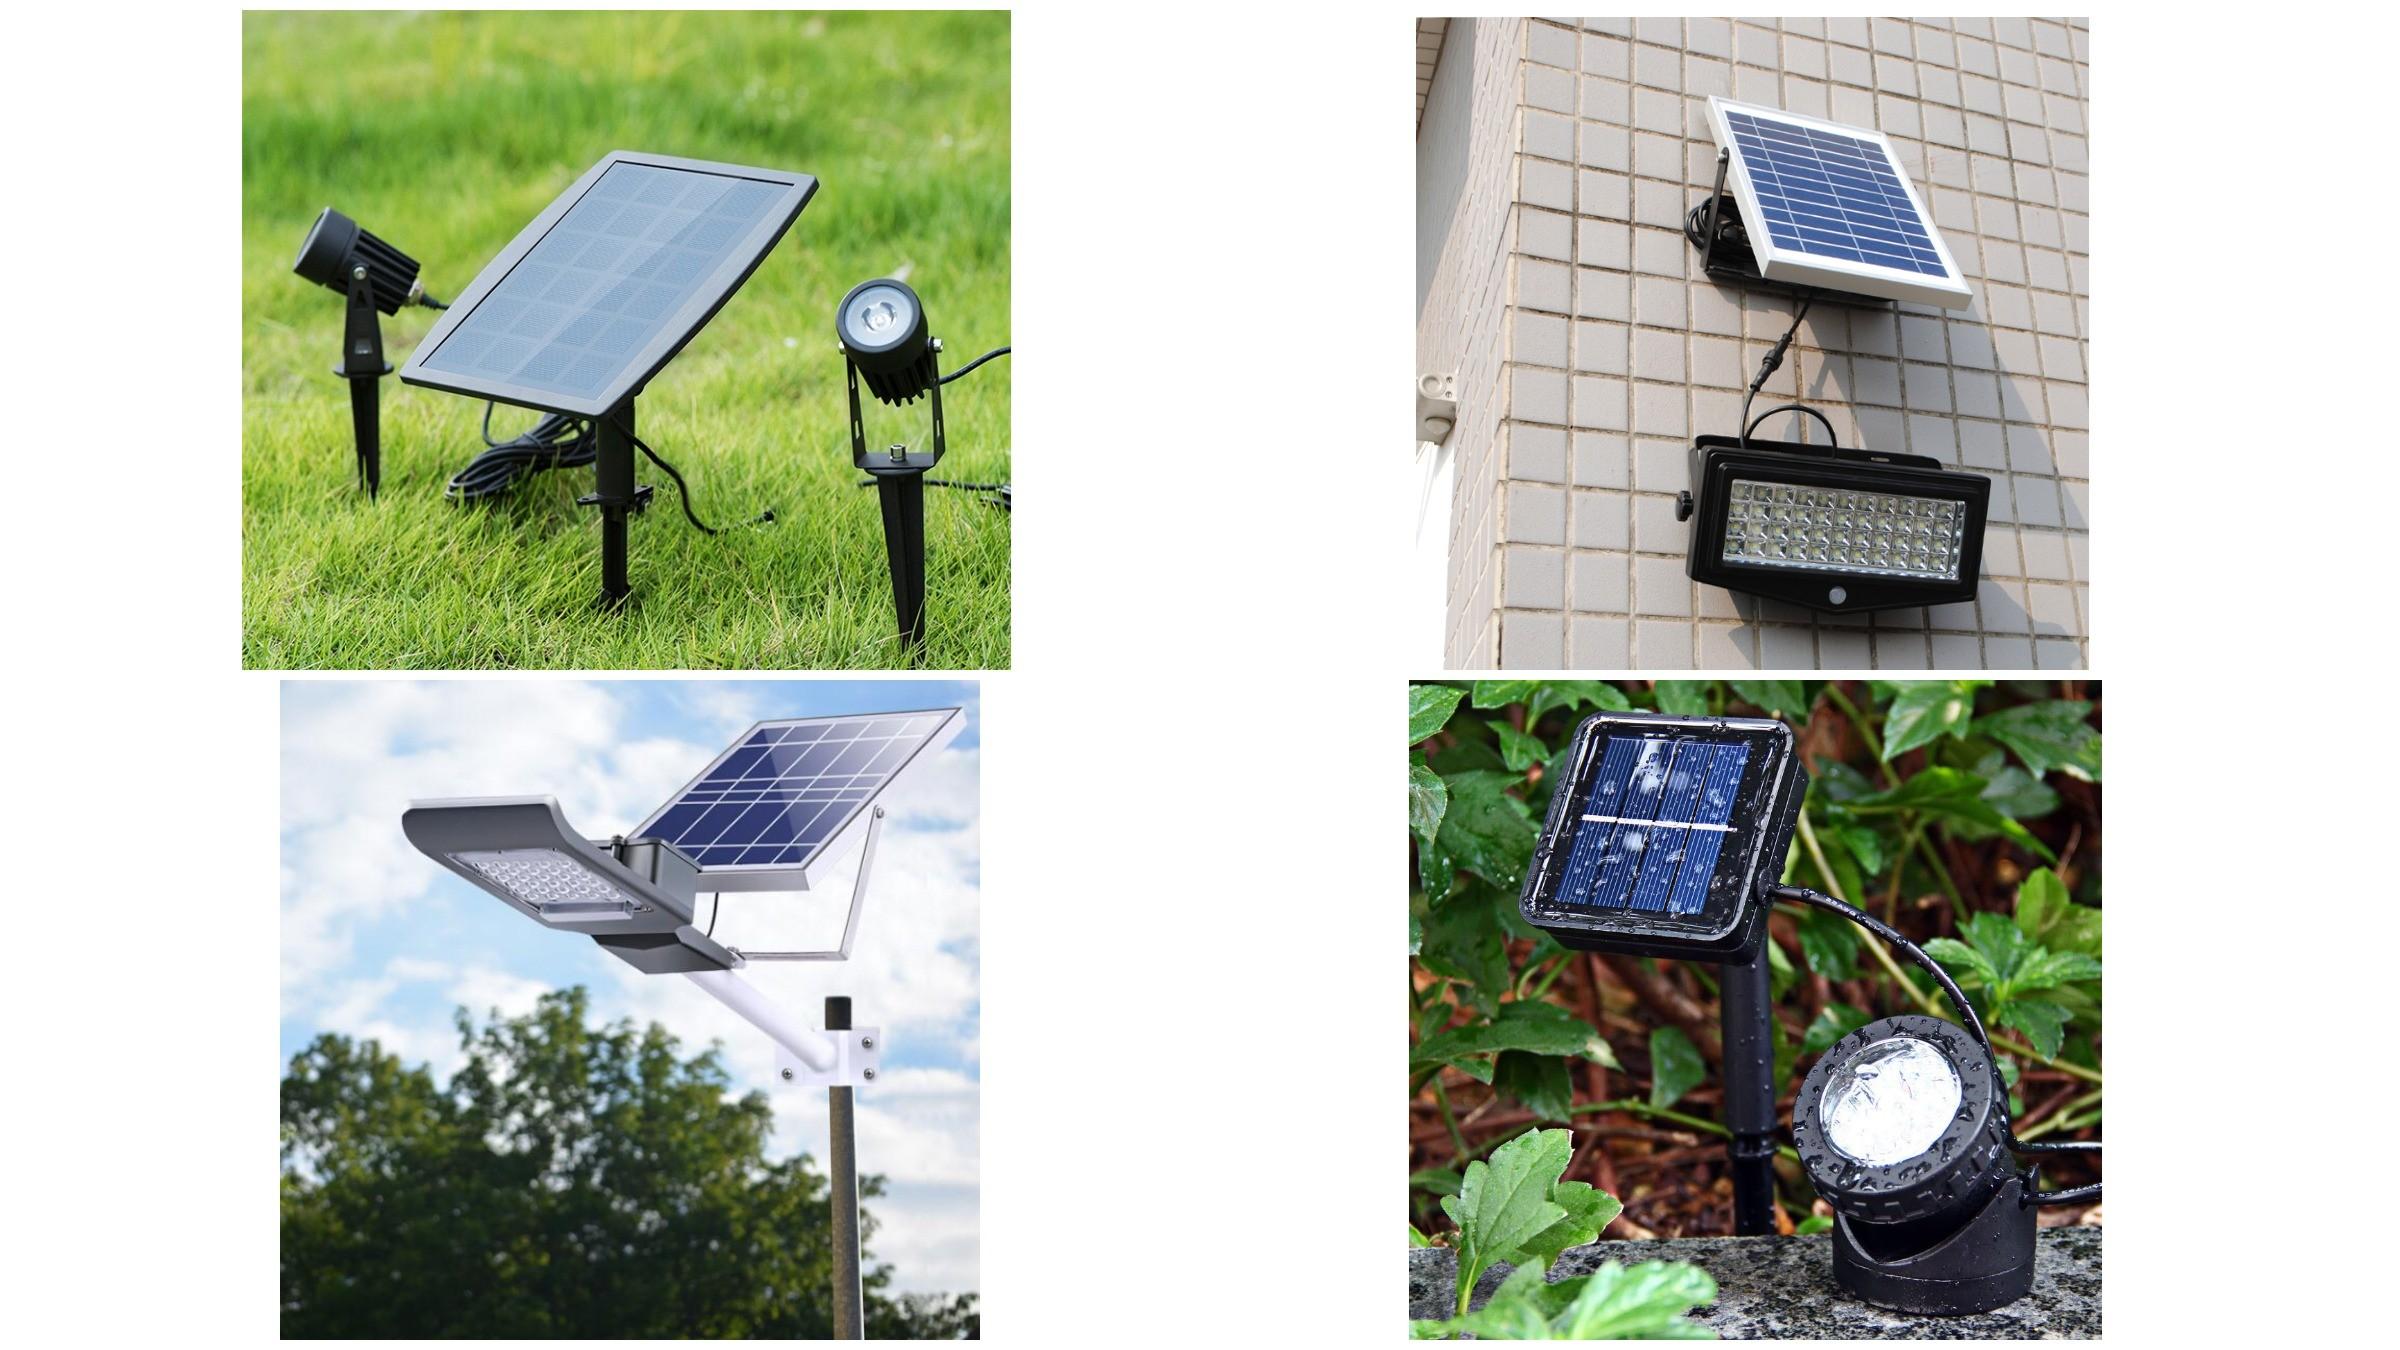 изображение уличных светильников на солнечных батареях